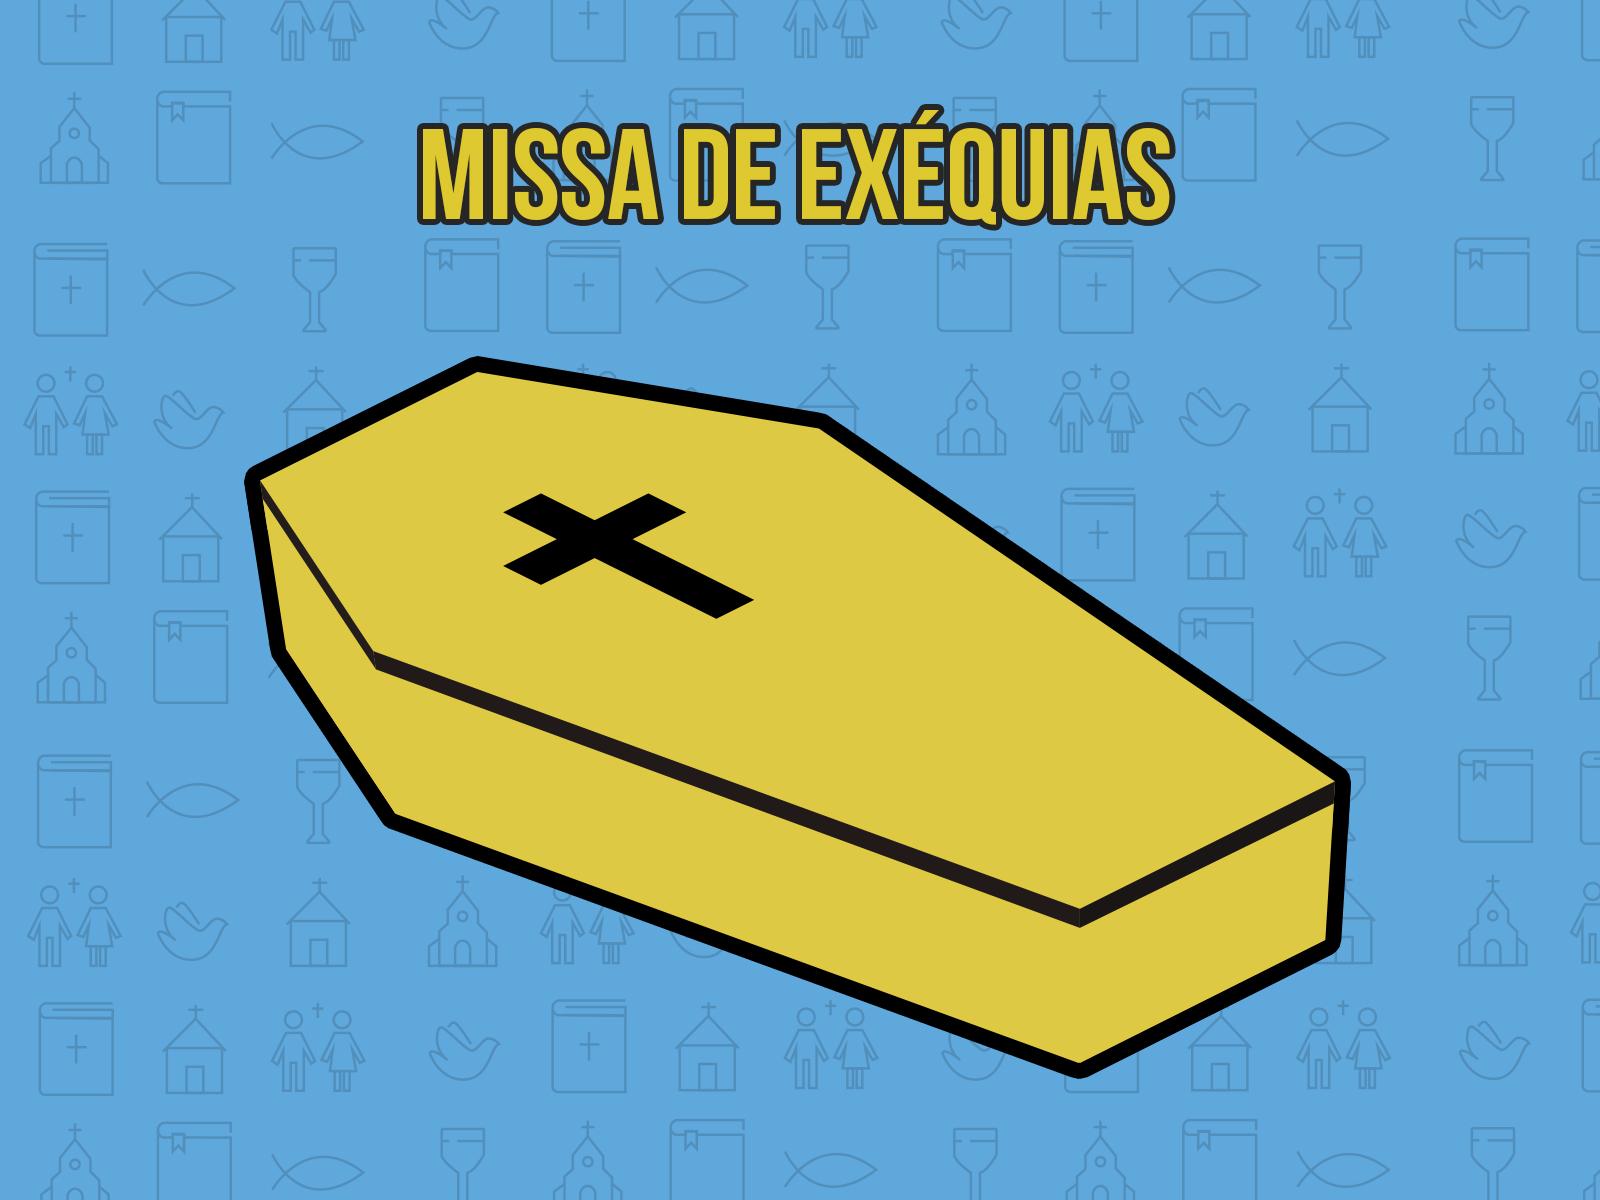 O que é uma Missa de Exéquias e qual é a sua importância?